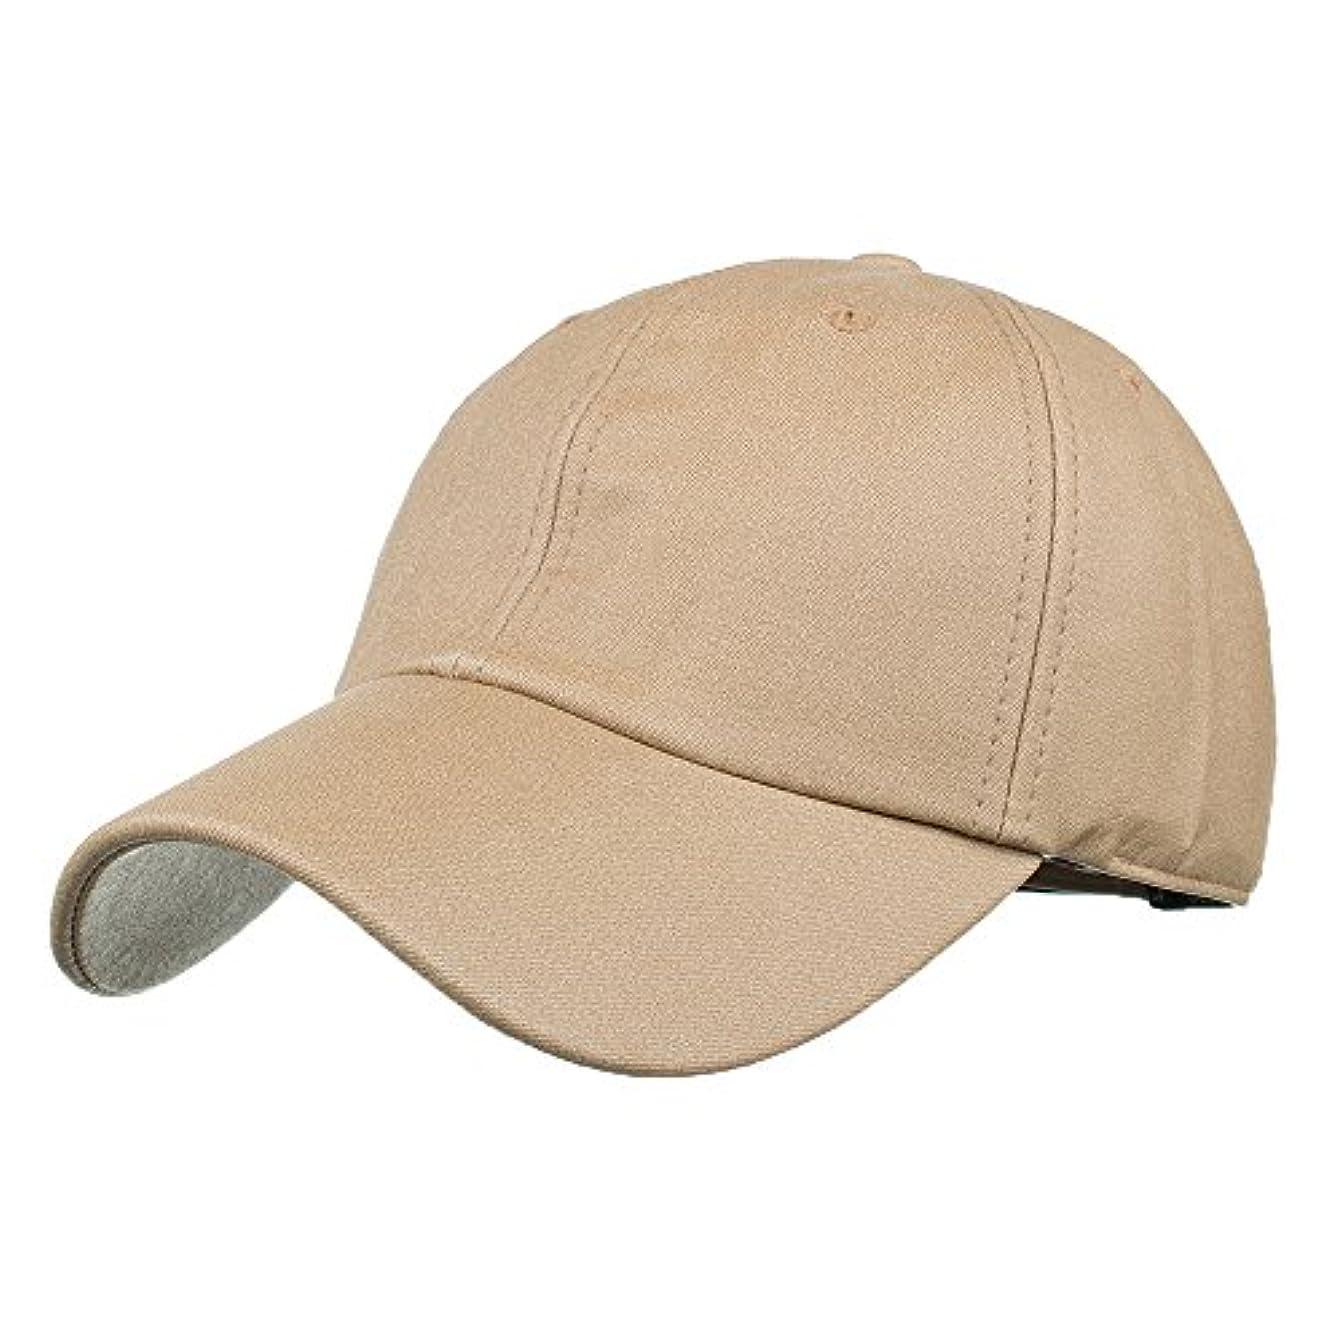 アーティストスカーフ抵当Racazing Cap PU 無地 ヒップホップ 野球帽 通気性のある 帽子 夏 登山 可調整可能 棒球帽 UV 帽子 軽量 屋外 Unisex Hat (カーキ)